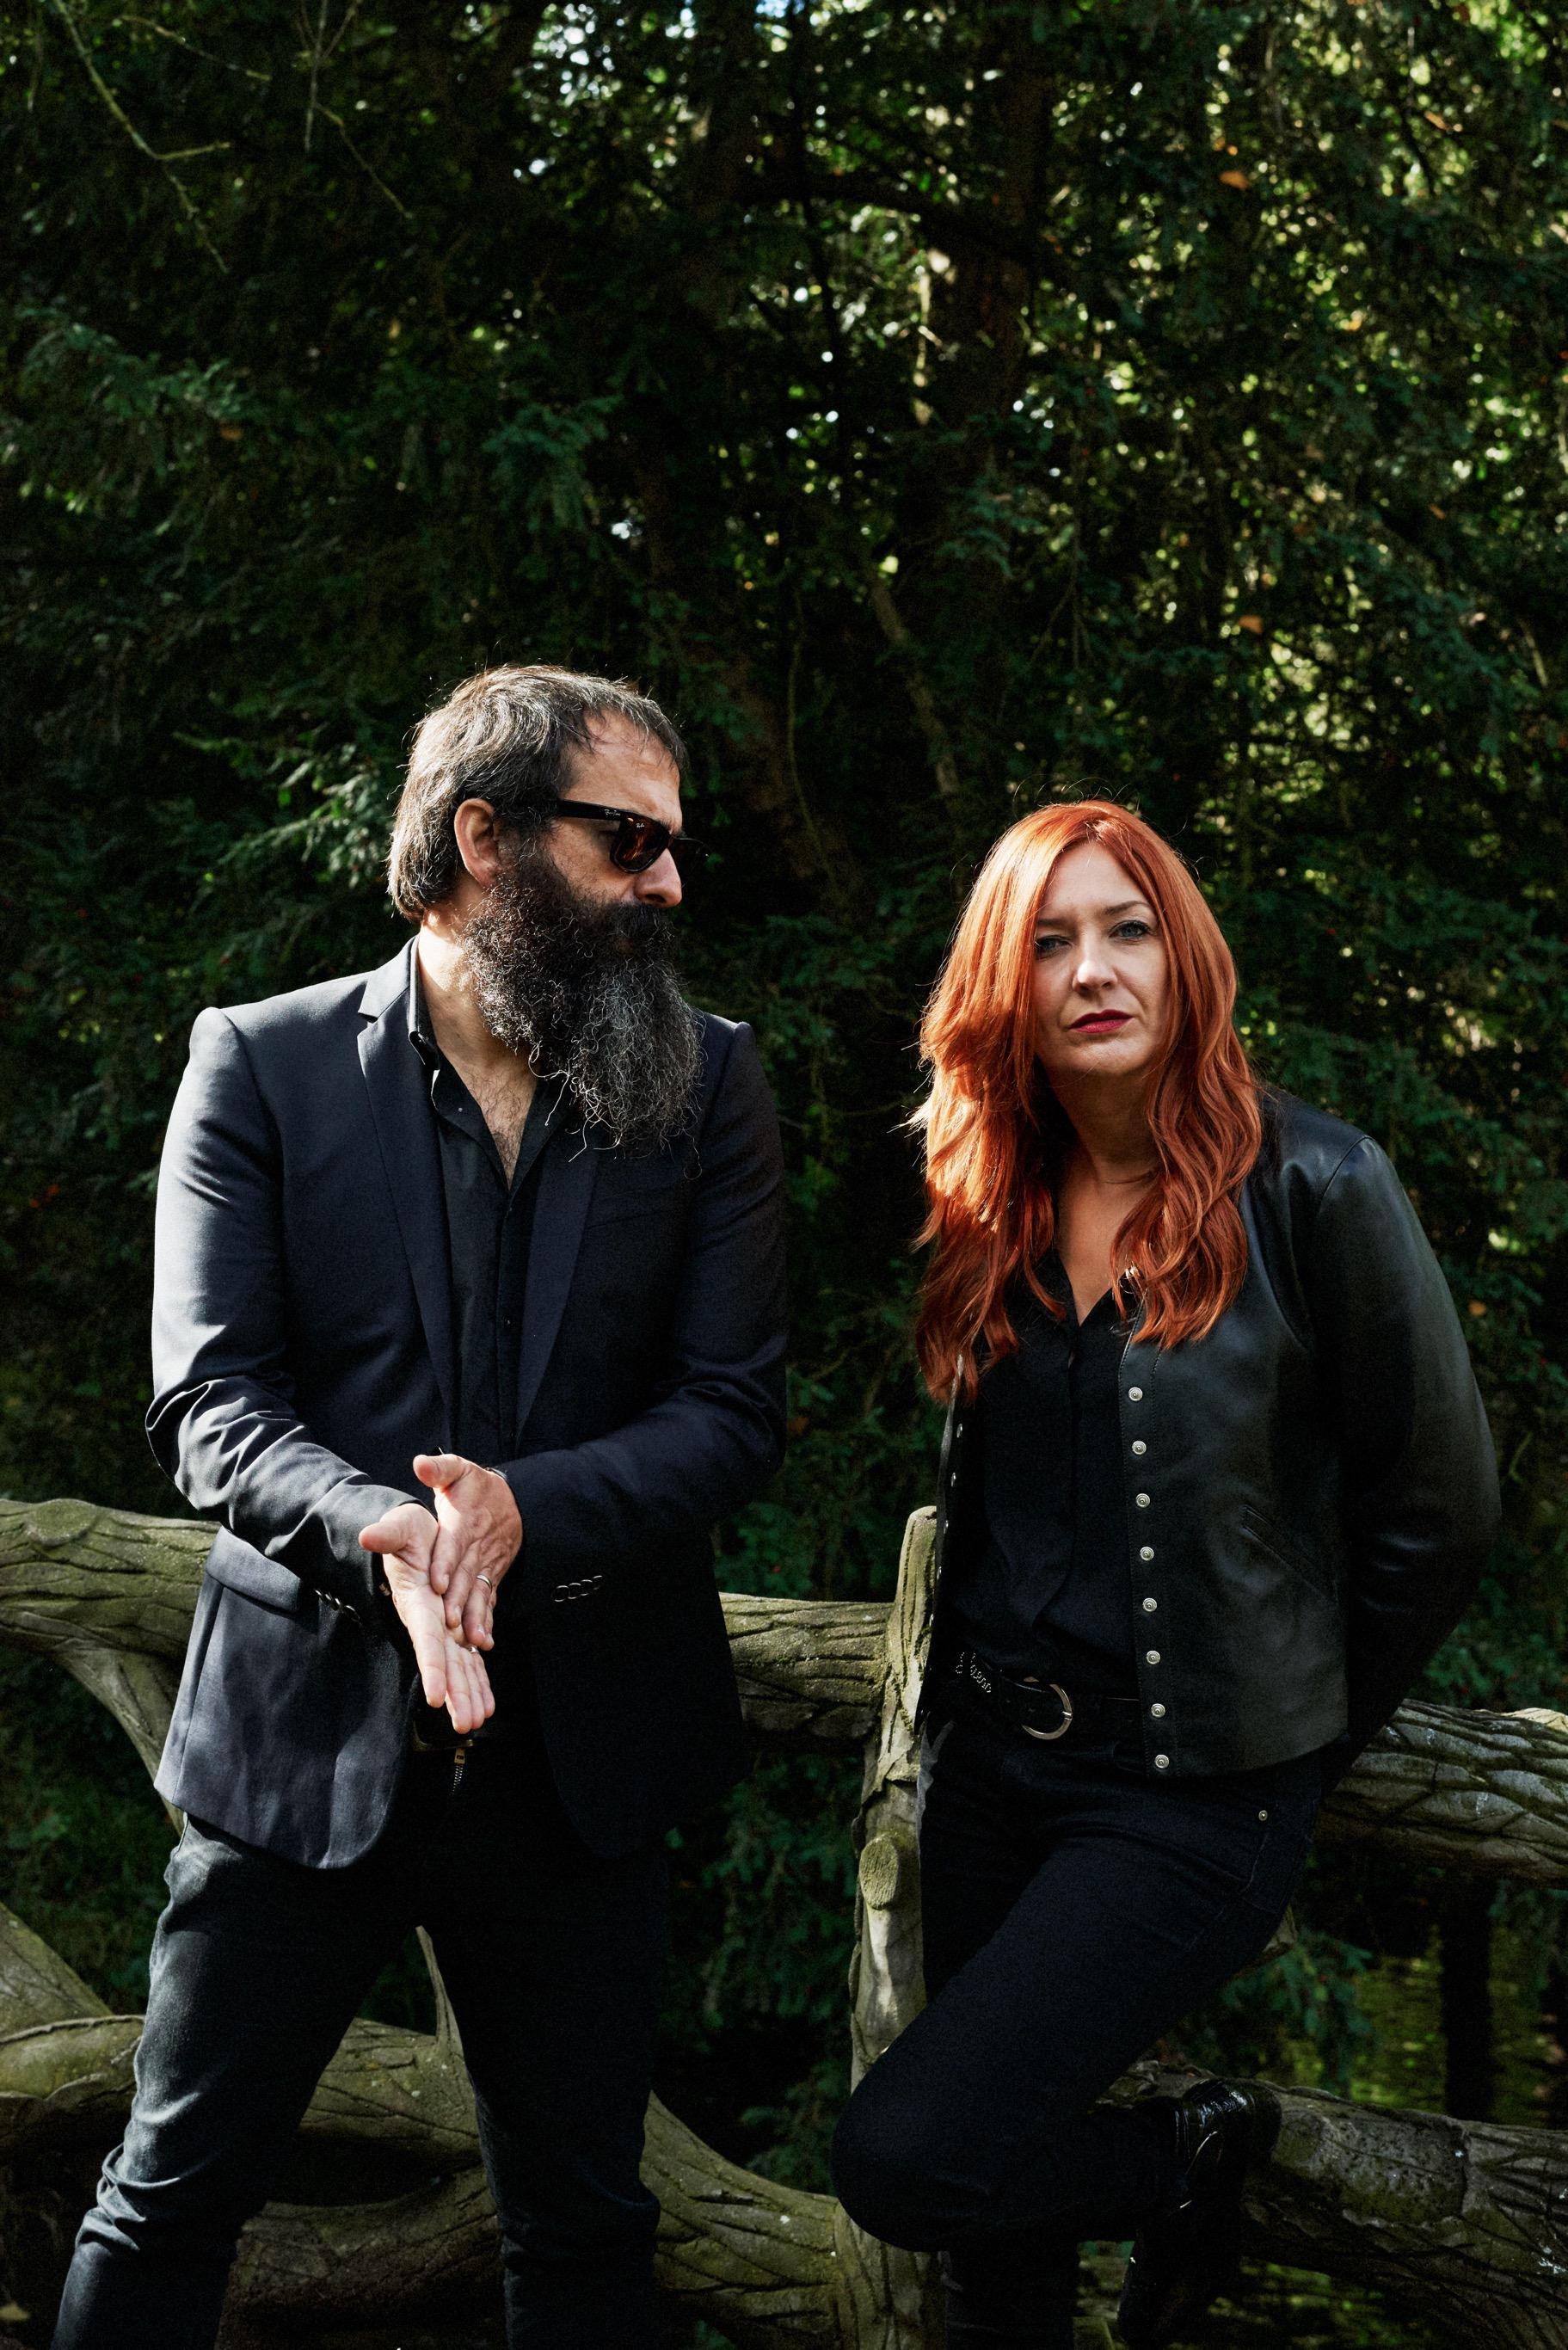 Chevelure de feu pour elle et barbe touffue à la Rick Rubin (le producteur américain qu'il adore) pour lui, ainsi sont The Limiñanas. Photo Emmanuel FONTANESI